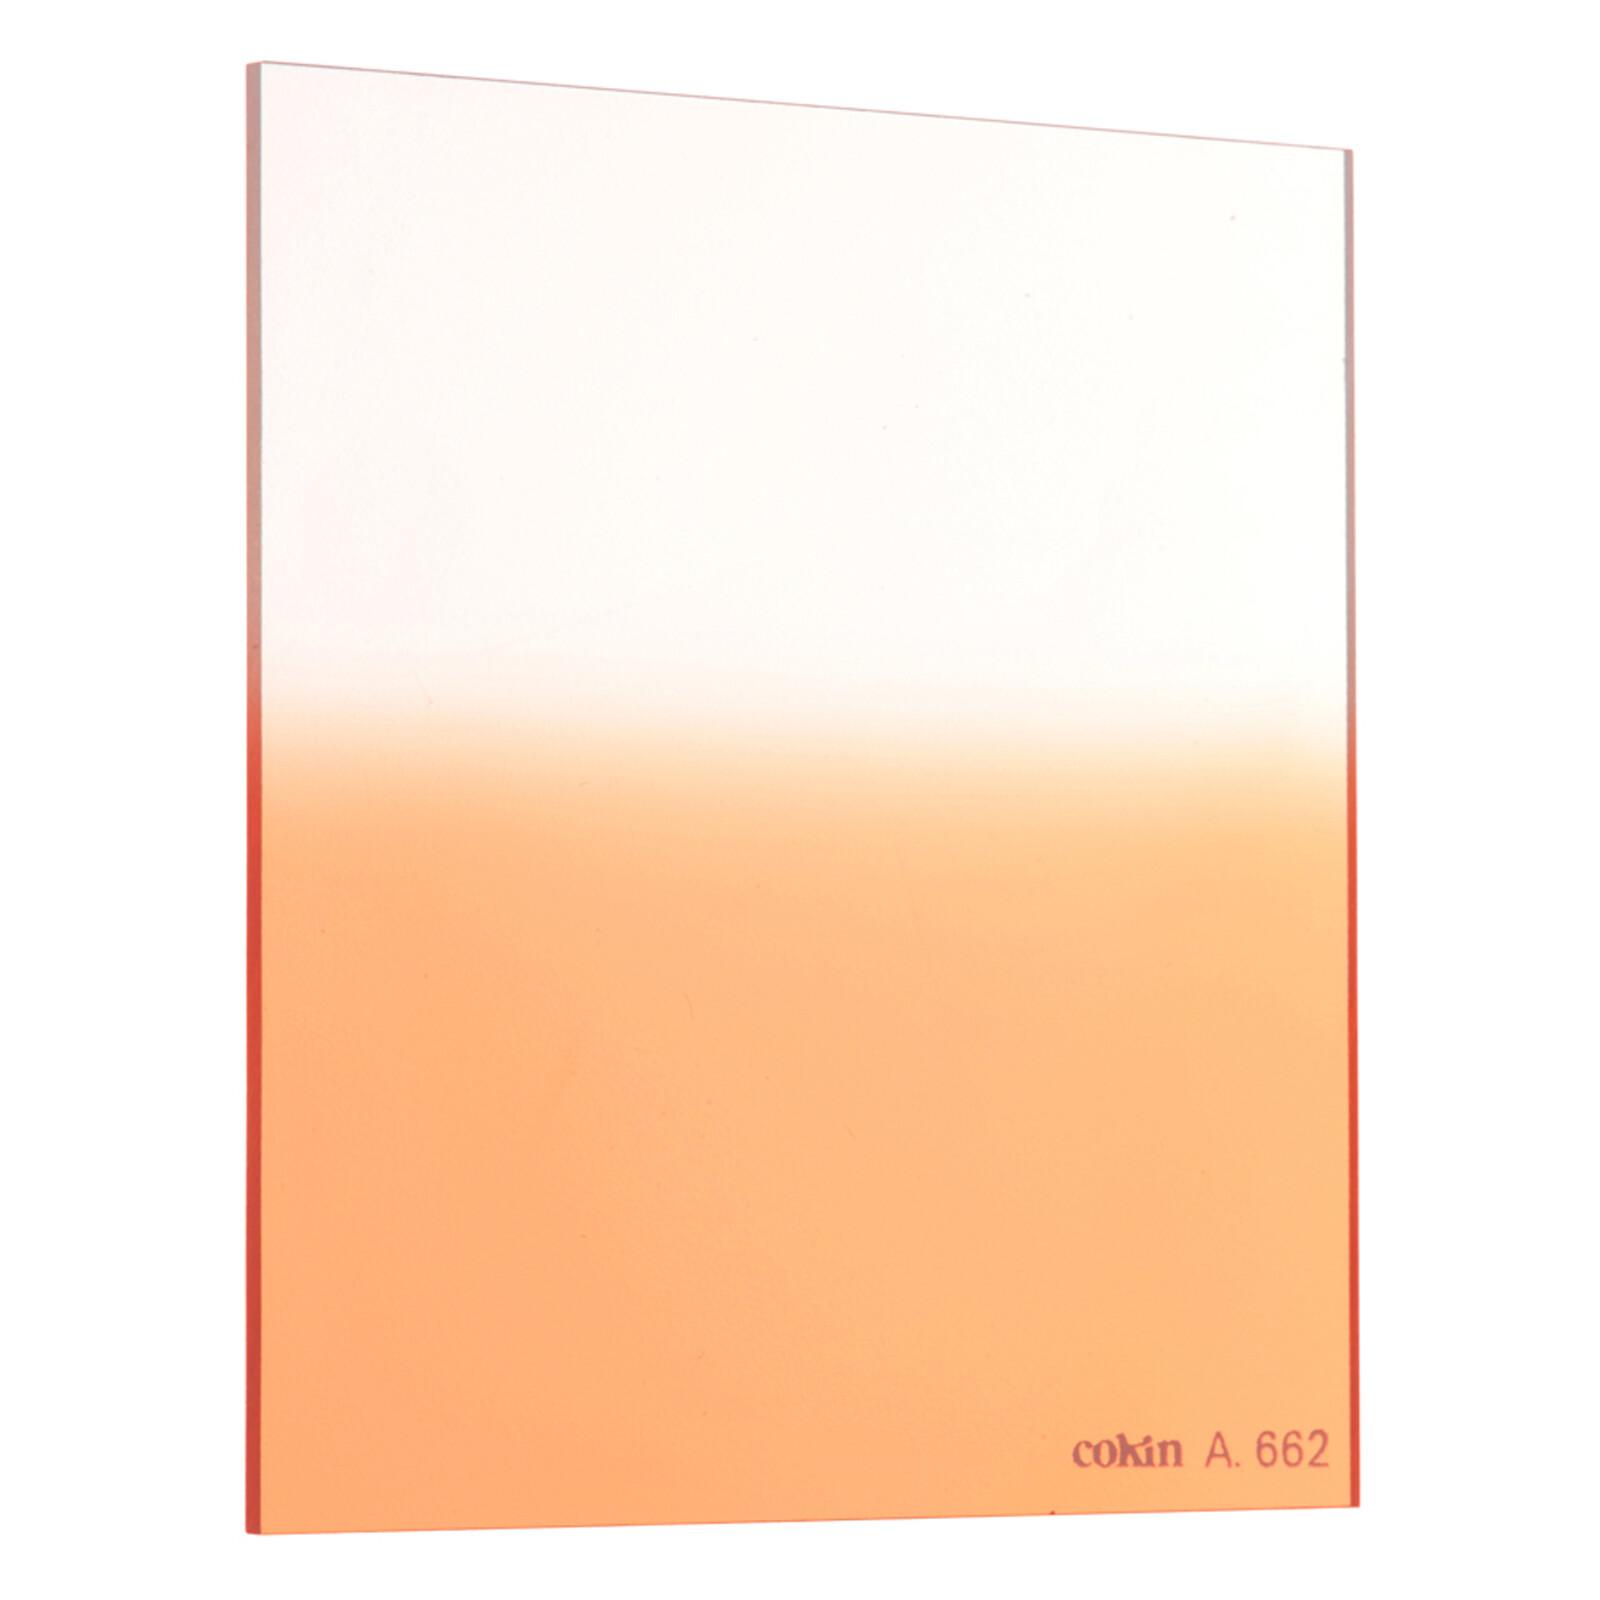 Cokin A662 Verlauf leuchtend Orange 1